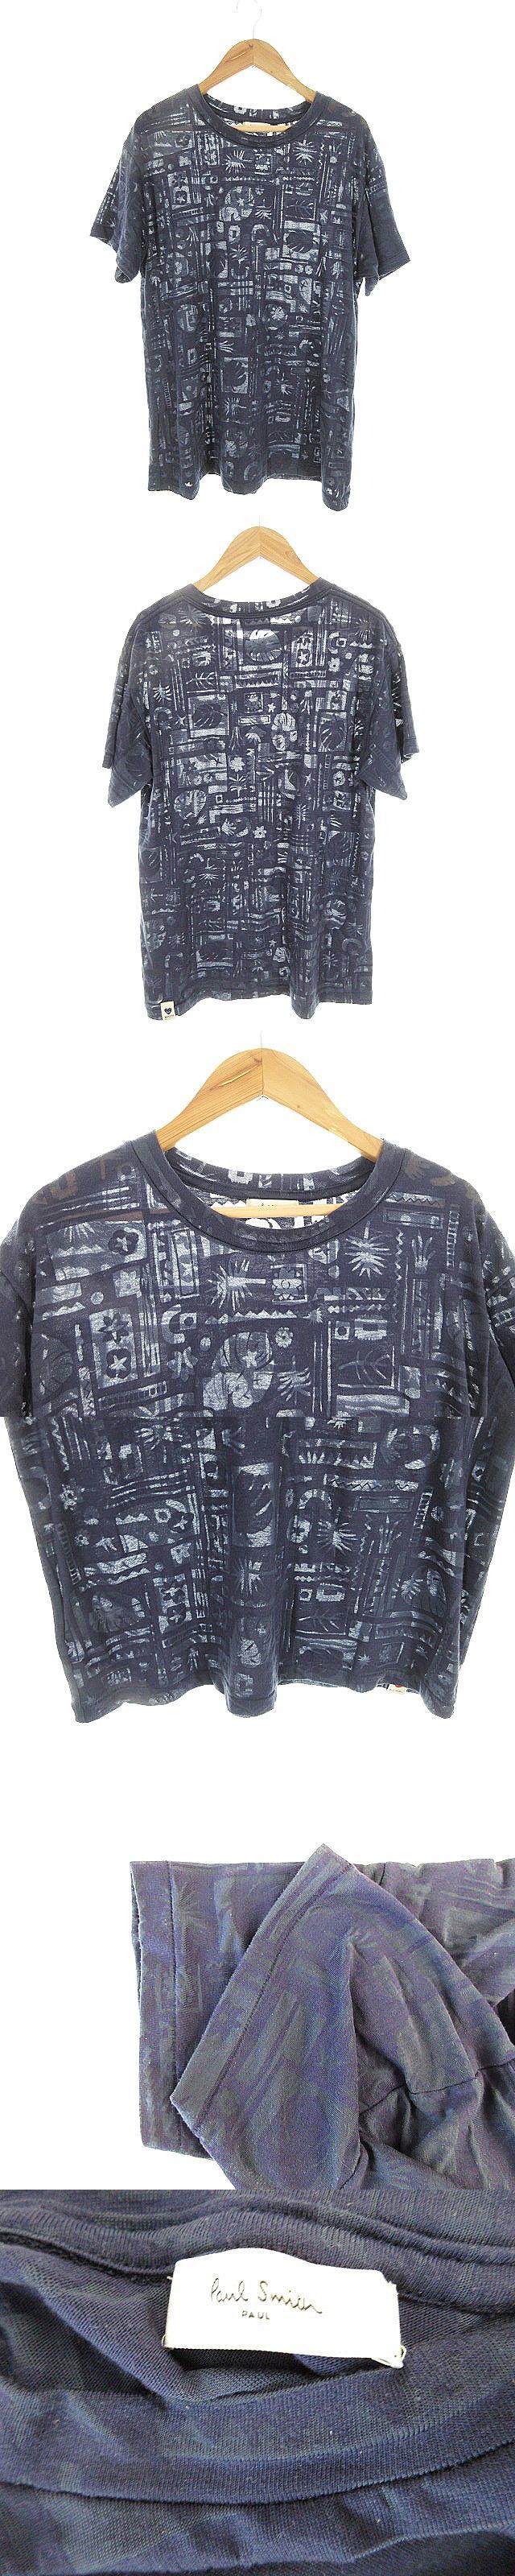 Tシャツ カットソー 半袖 シースルー 総柄 M 紺色 ネイビー /AAO31